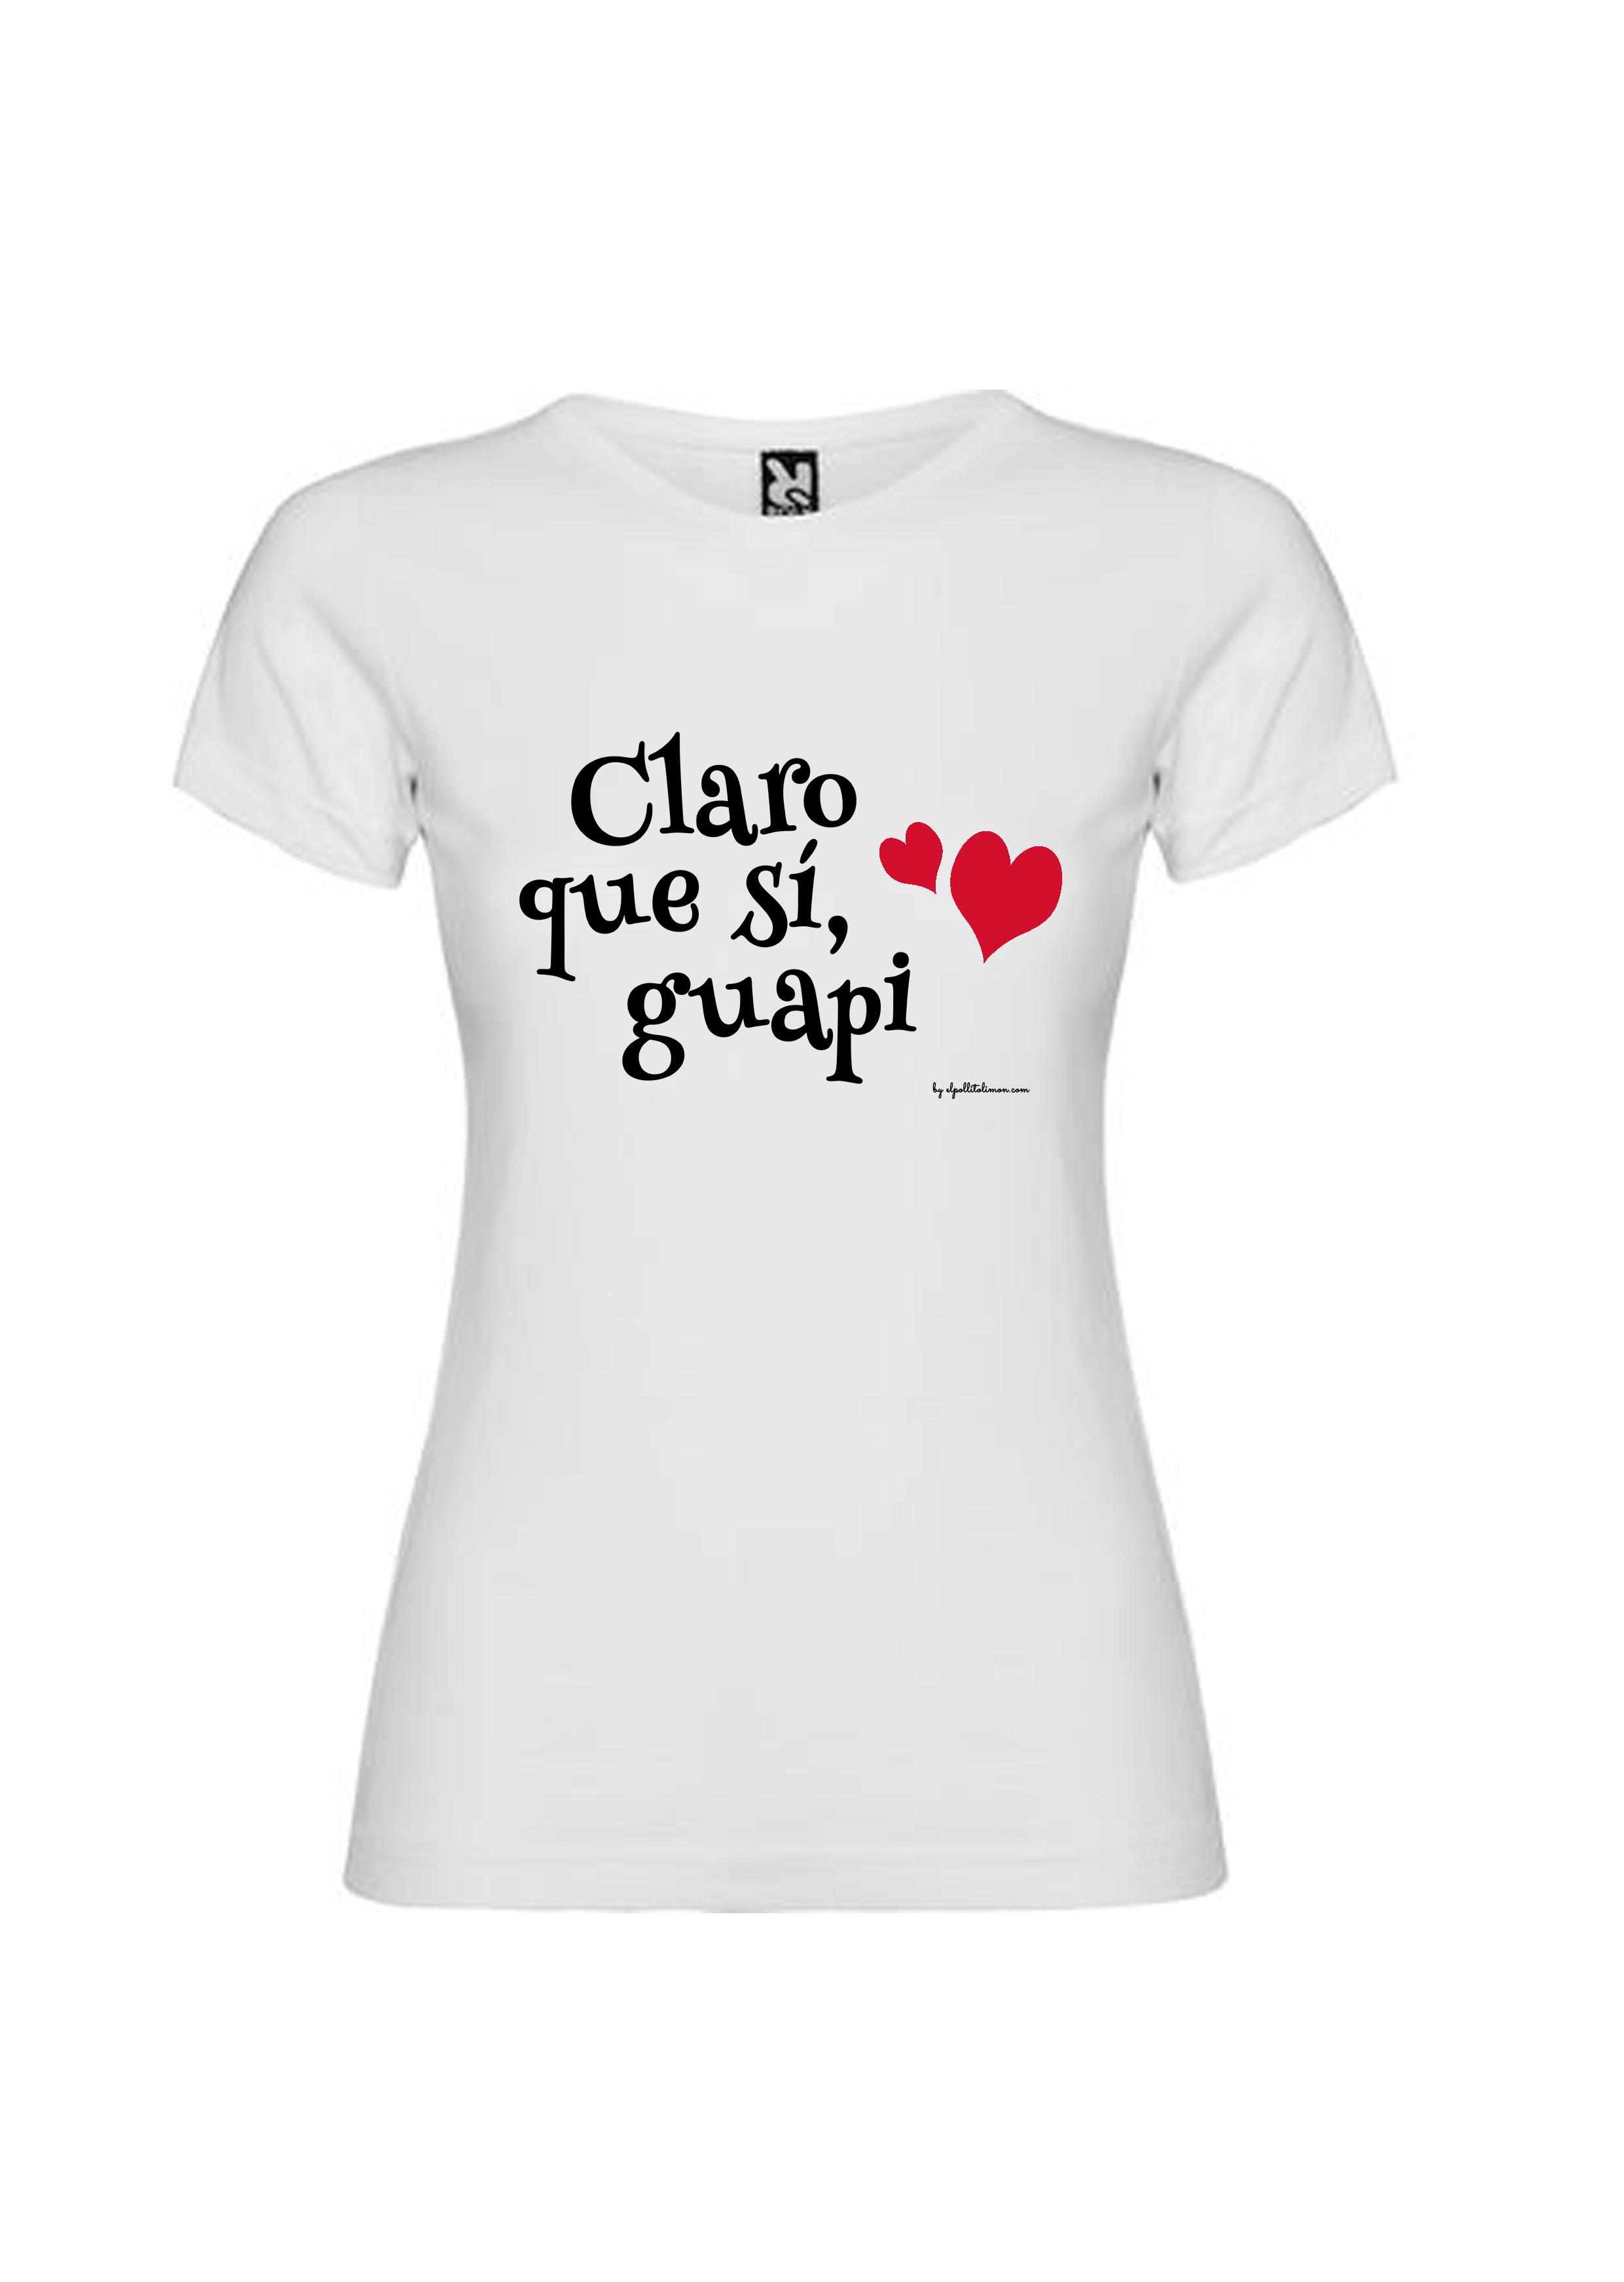 """""""claro Pollito Camiseta Limon Guapi Que El Sí Chica 5wOwYAS"""